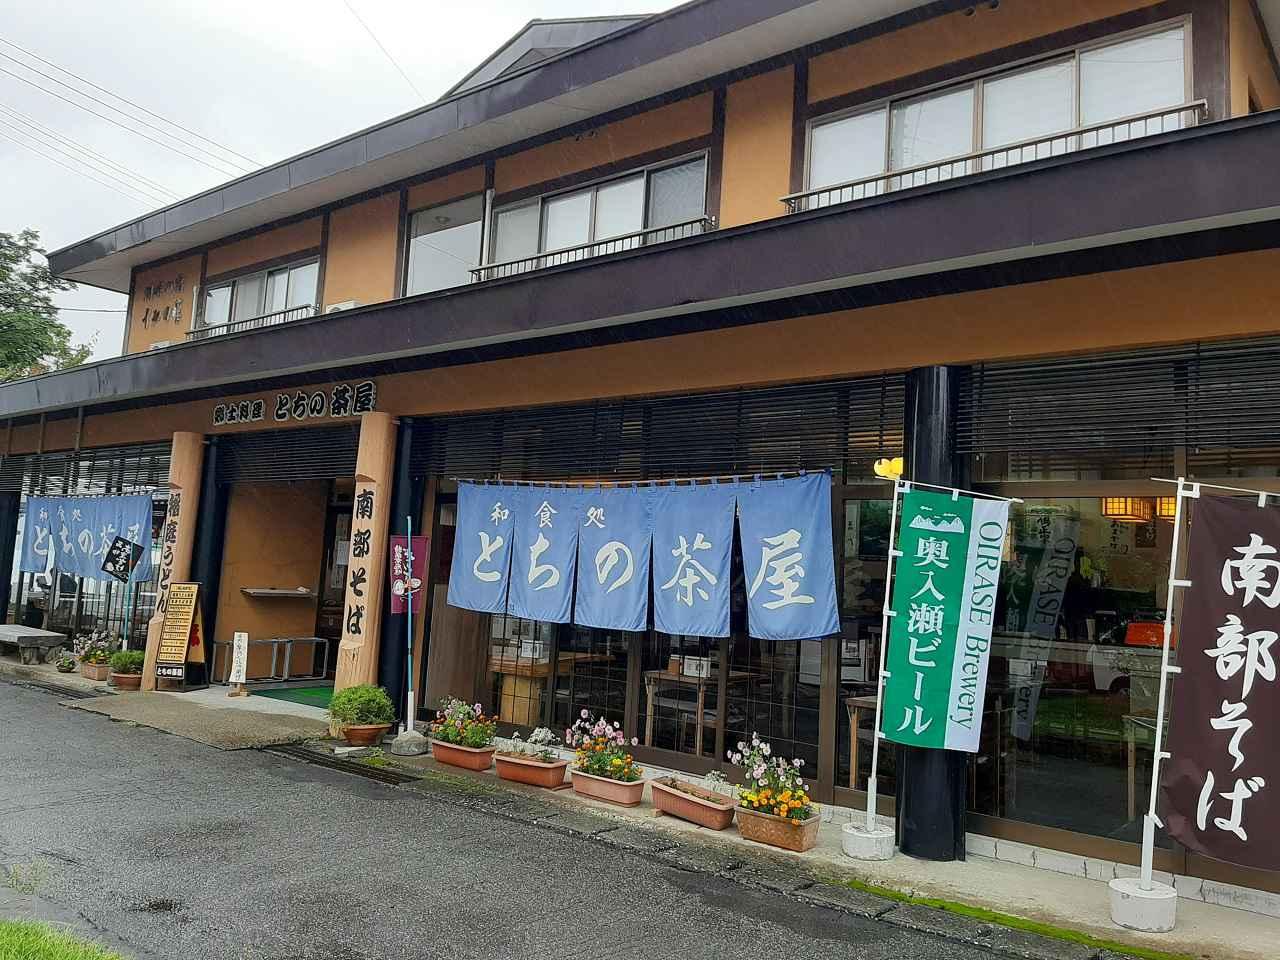 画像: 十和田湖畔に佇む「とちの茶屋」。高村光太郎作「乙女の像」も徒歩数分